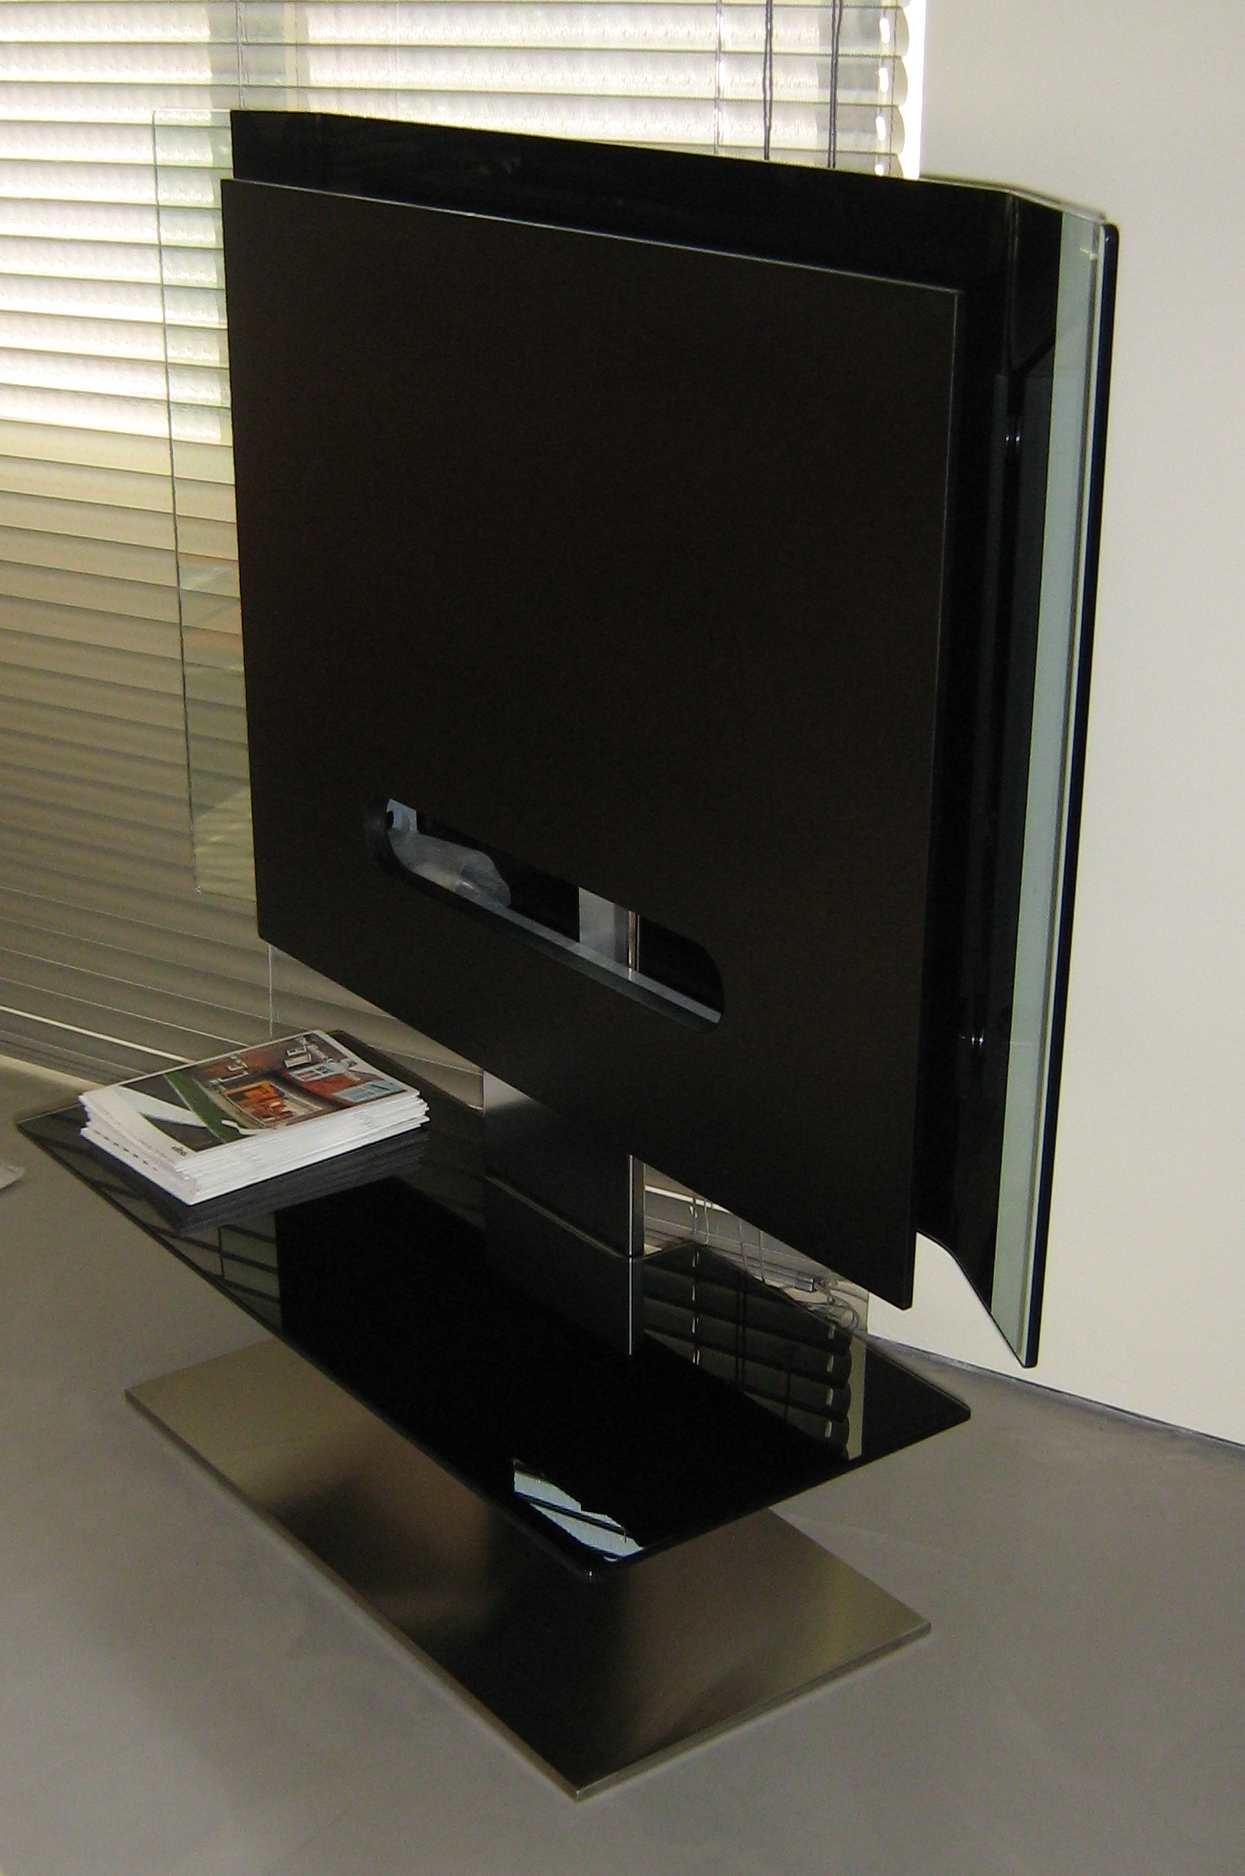 Porta tv sat 1 di porada scontato del 50 complementi a prezzi scontati - Porada porta tv ...